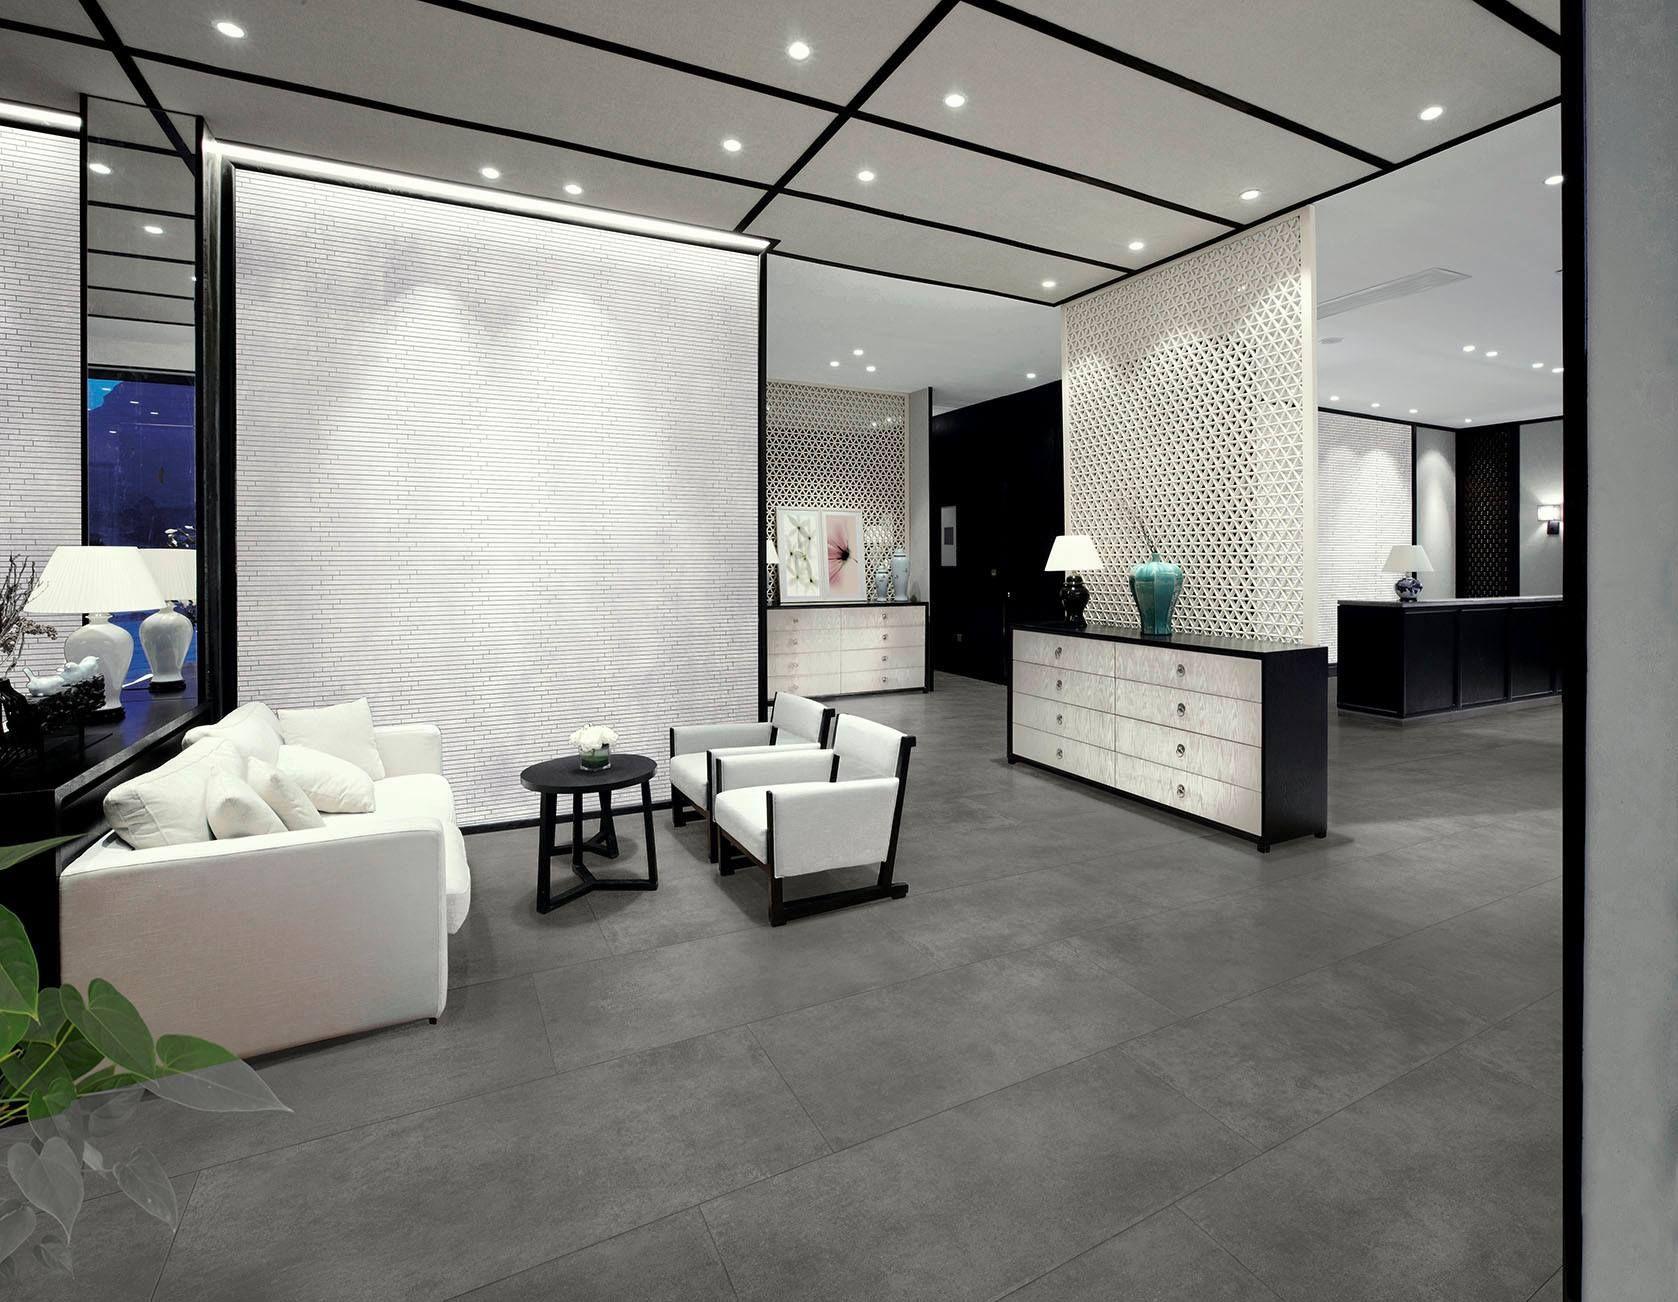 buy floor tiles online or in store